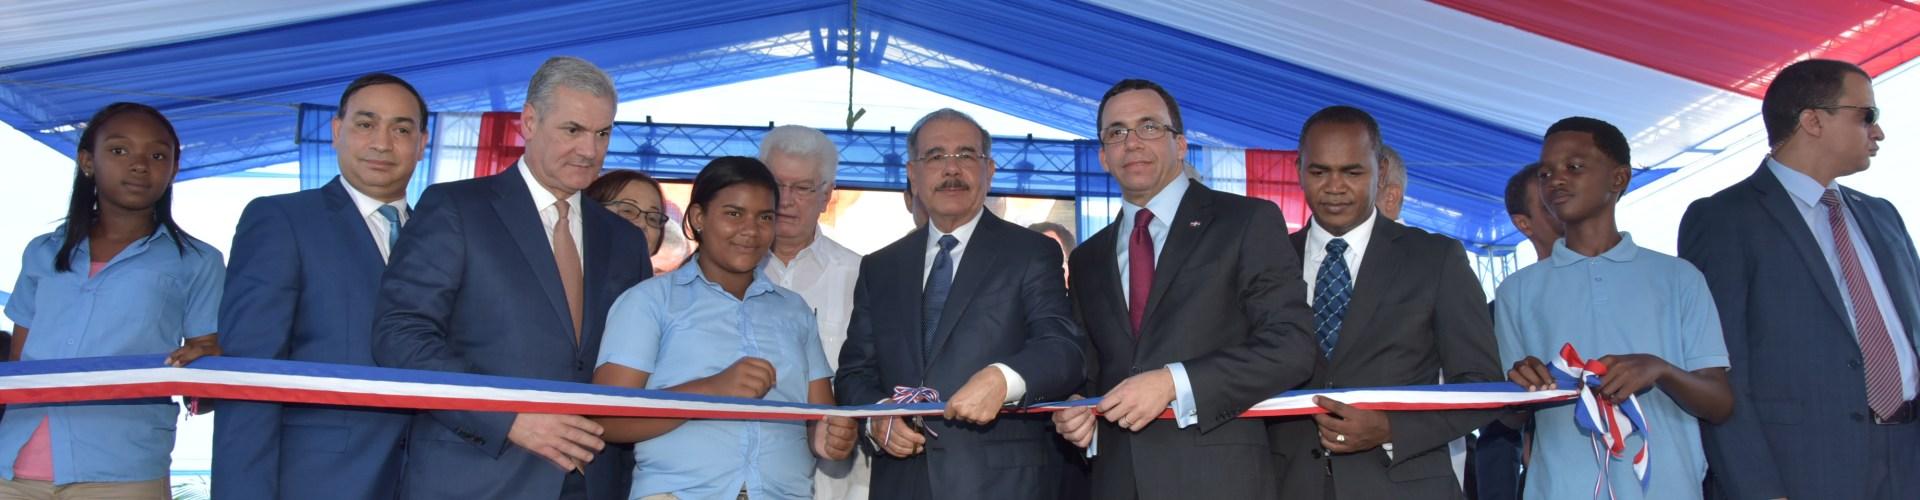 Danilo inaugura escuela en comunidad Baní